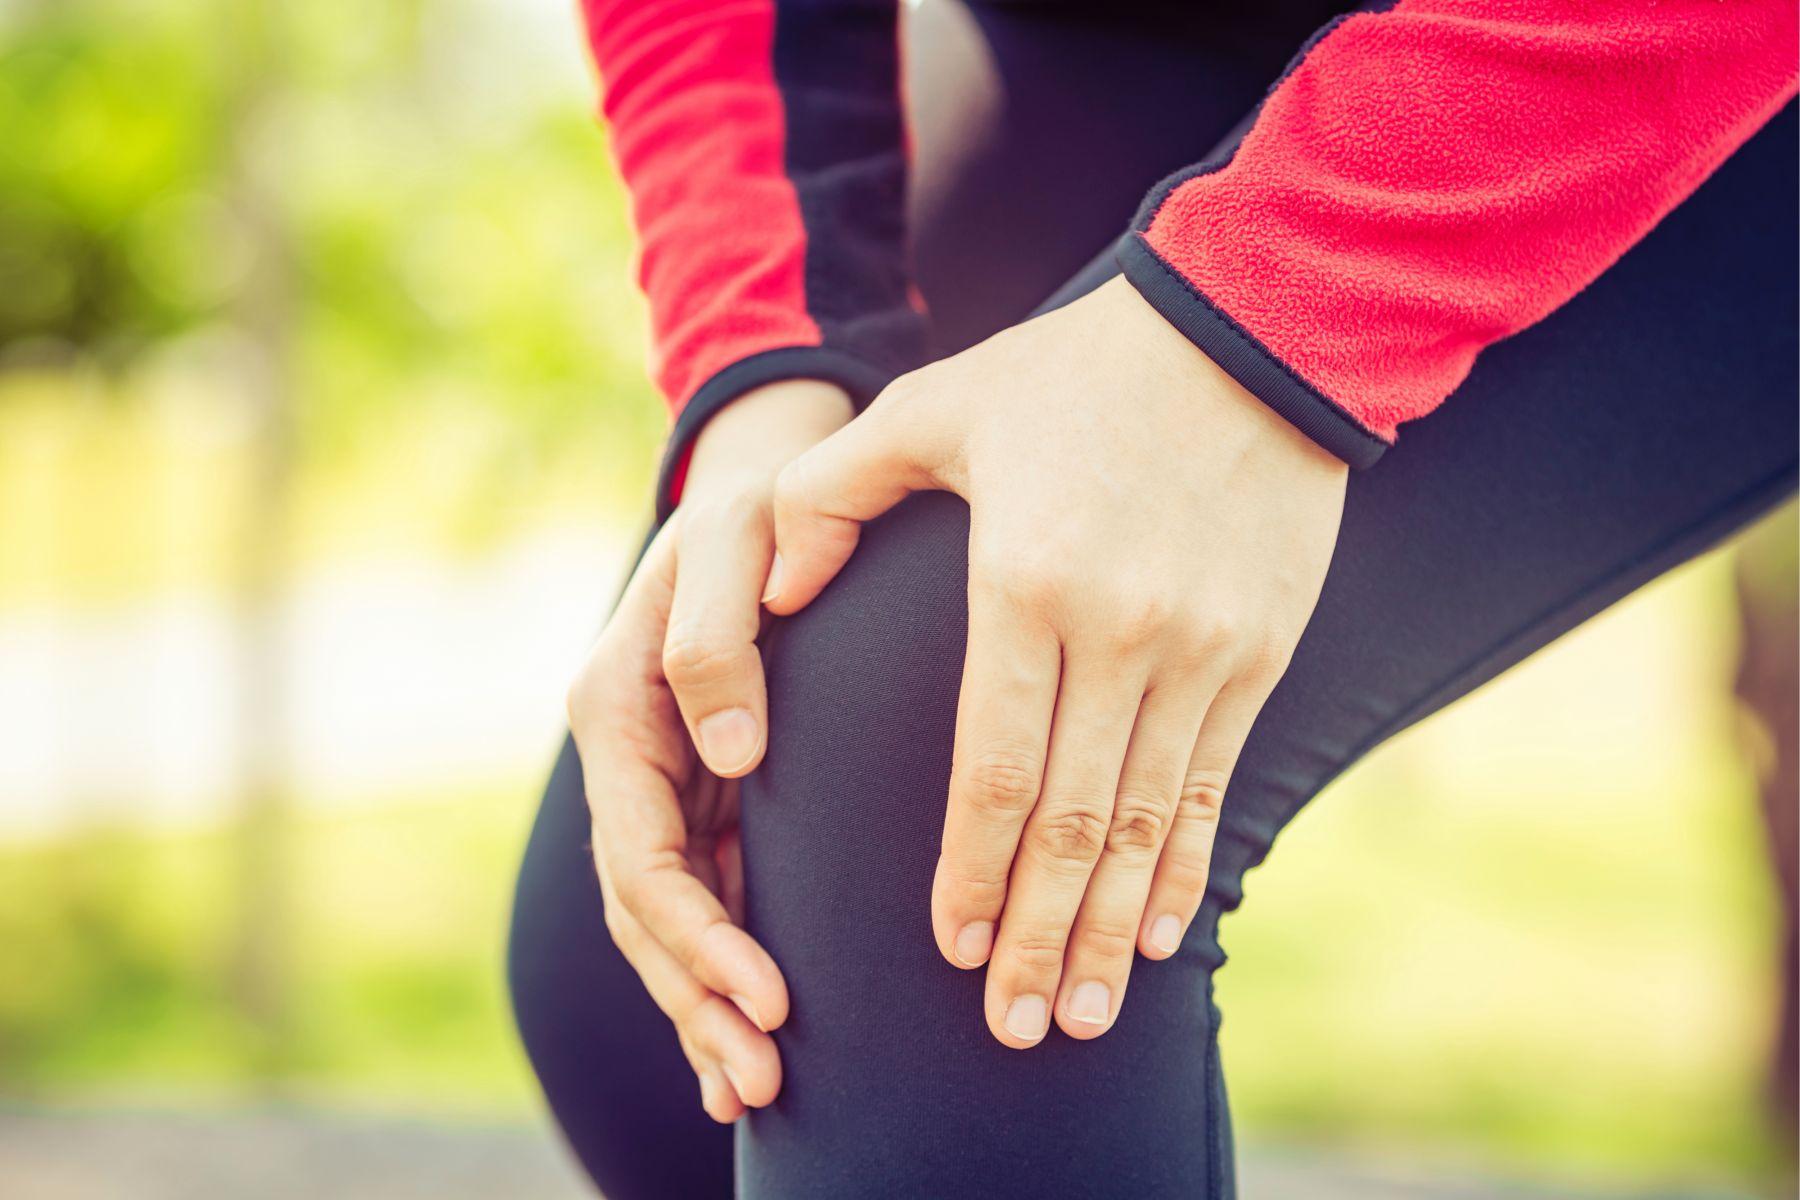 類風濕性關節炎易關節腫痛、變形!5招治療圖解攻略:避免關節破壞、提升生活品質